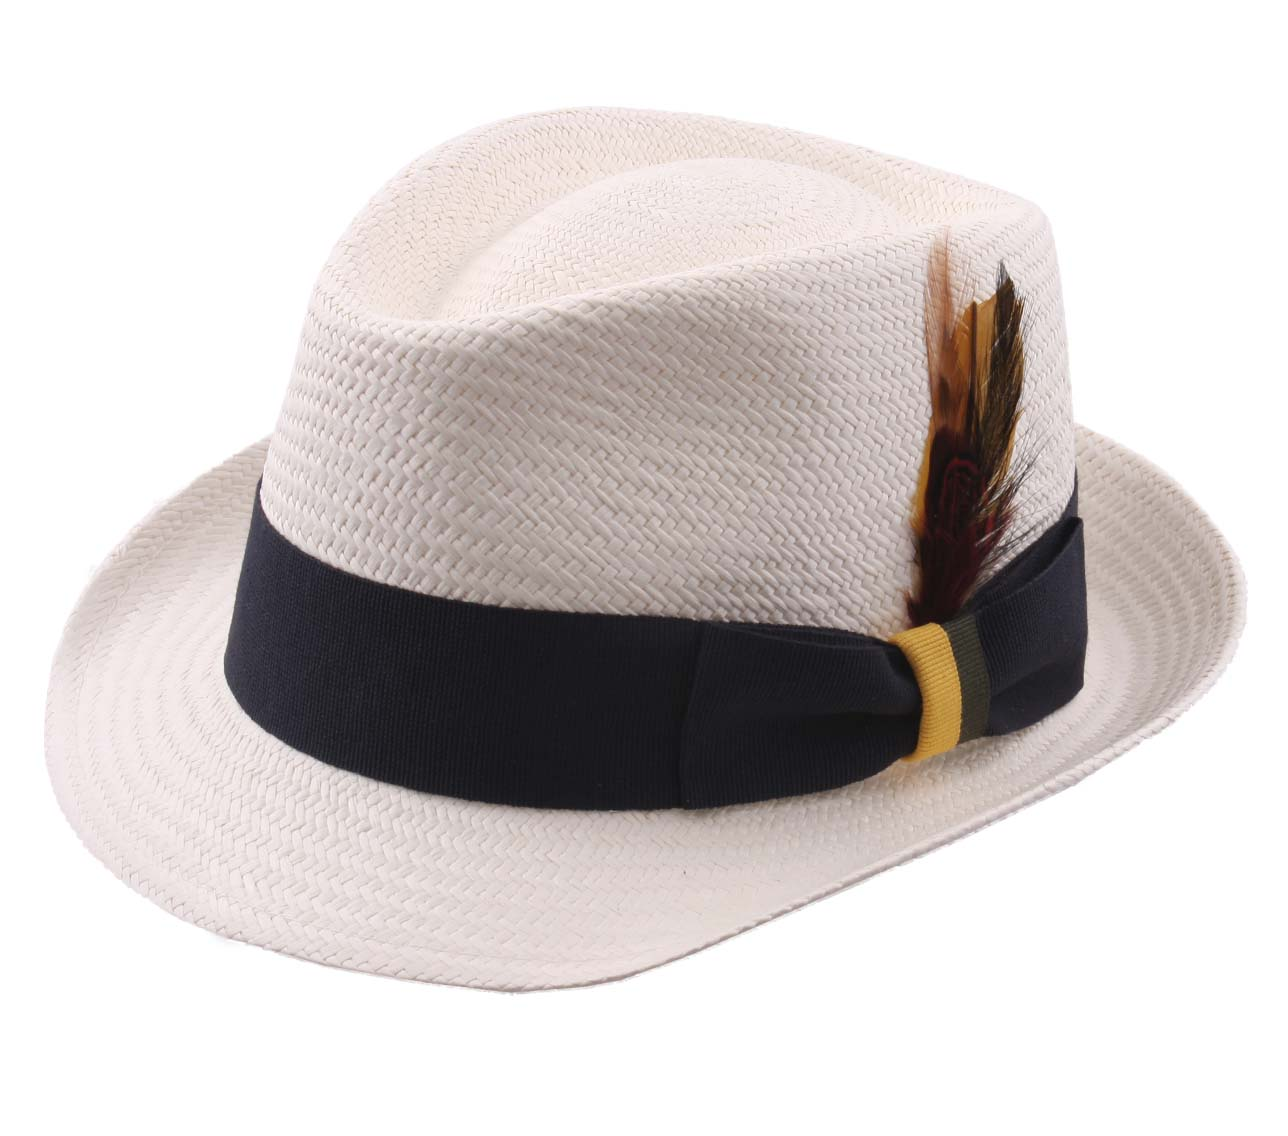 dernières tendances de 2019 paquet à la mode et attrayant top design Détails sur Chapeau panama homme ou femme Baracoa - baracoa-el1